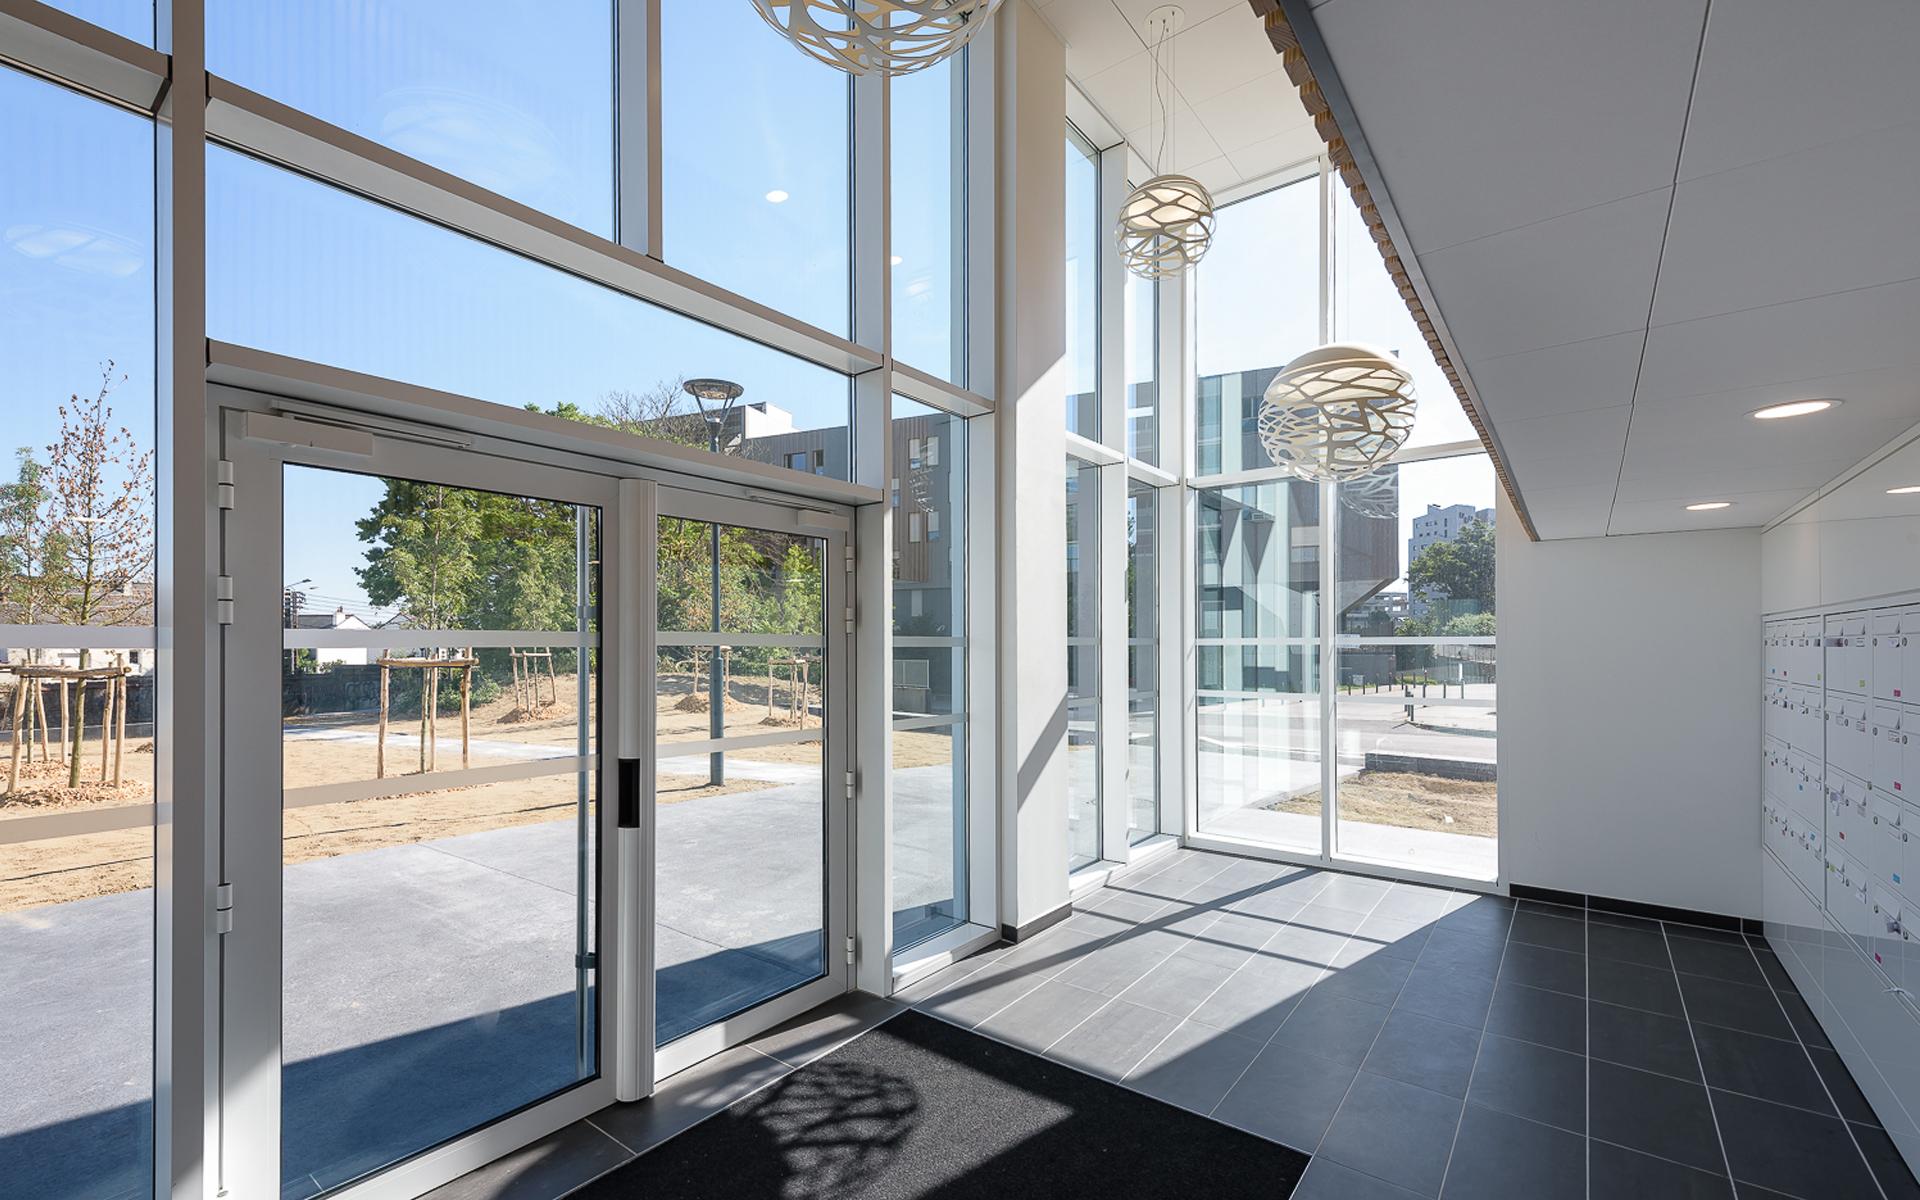 helios-park-01-rennes-architecture-bretagne-paumier-architectes-1920×1200